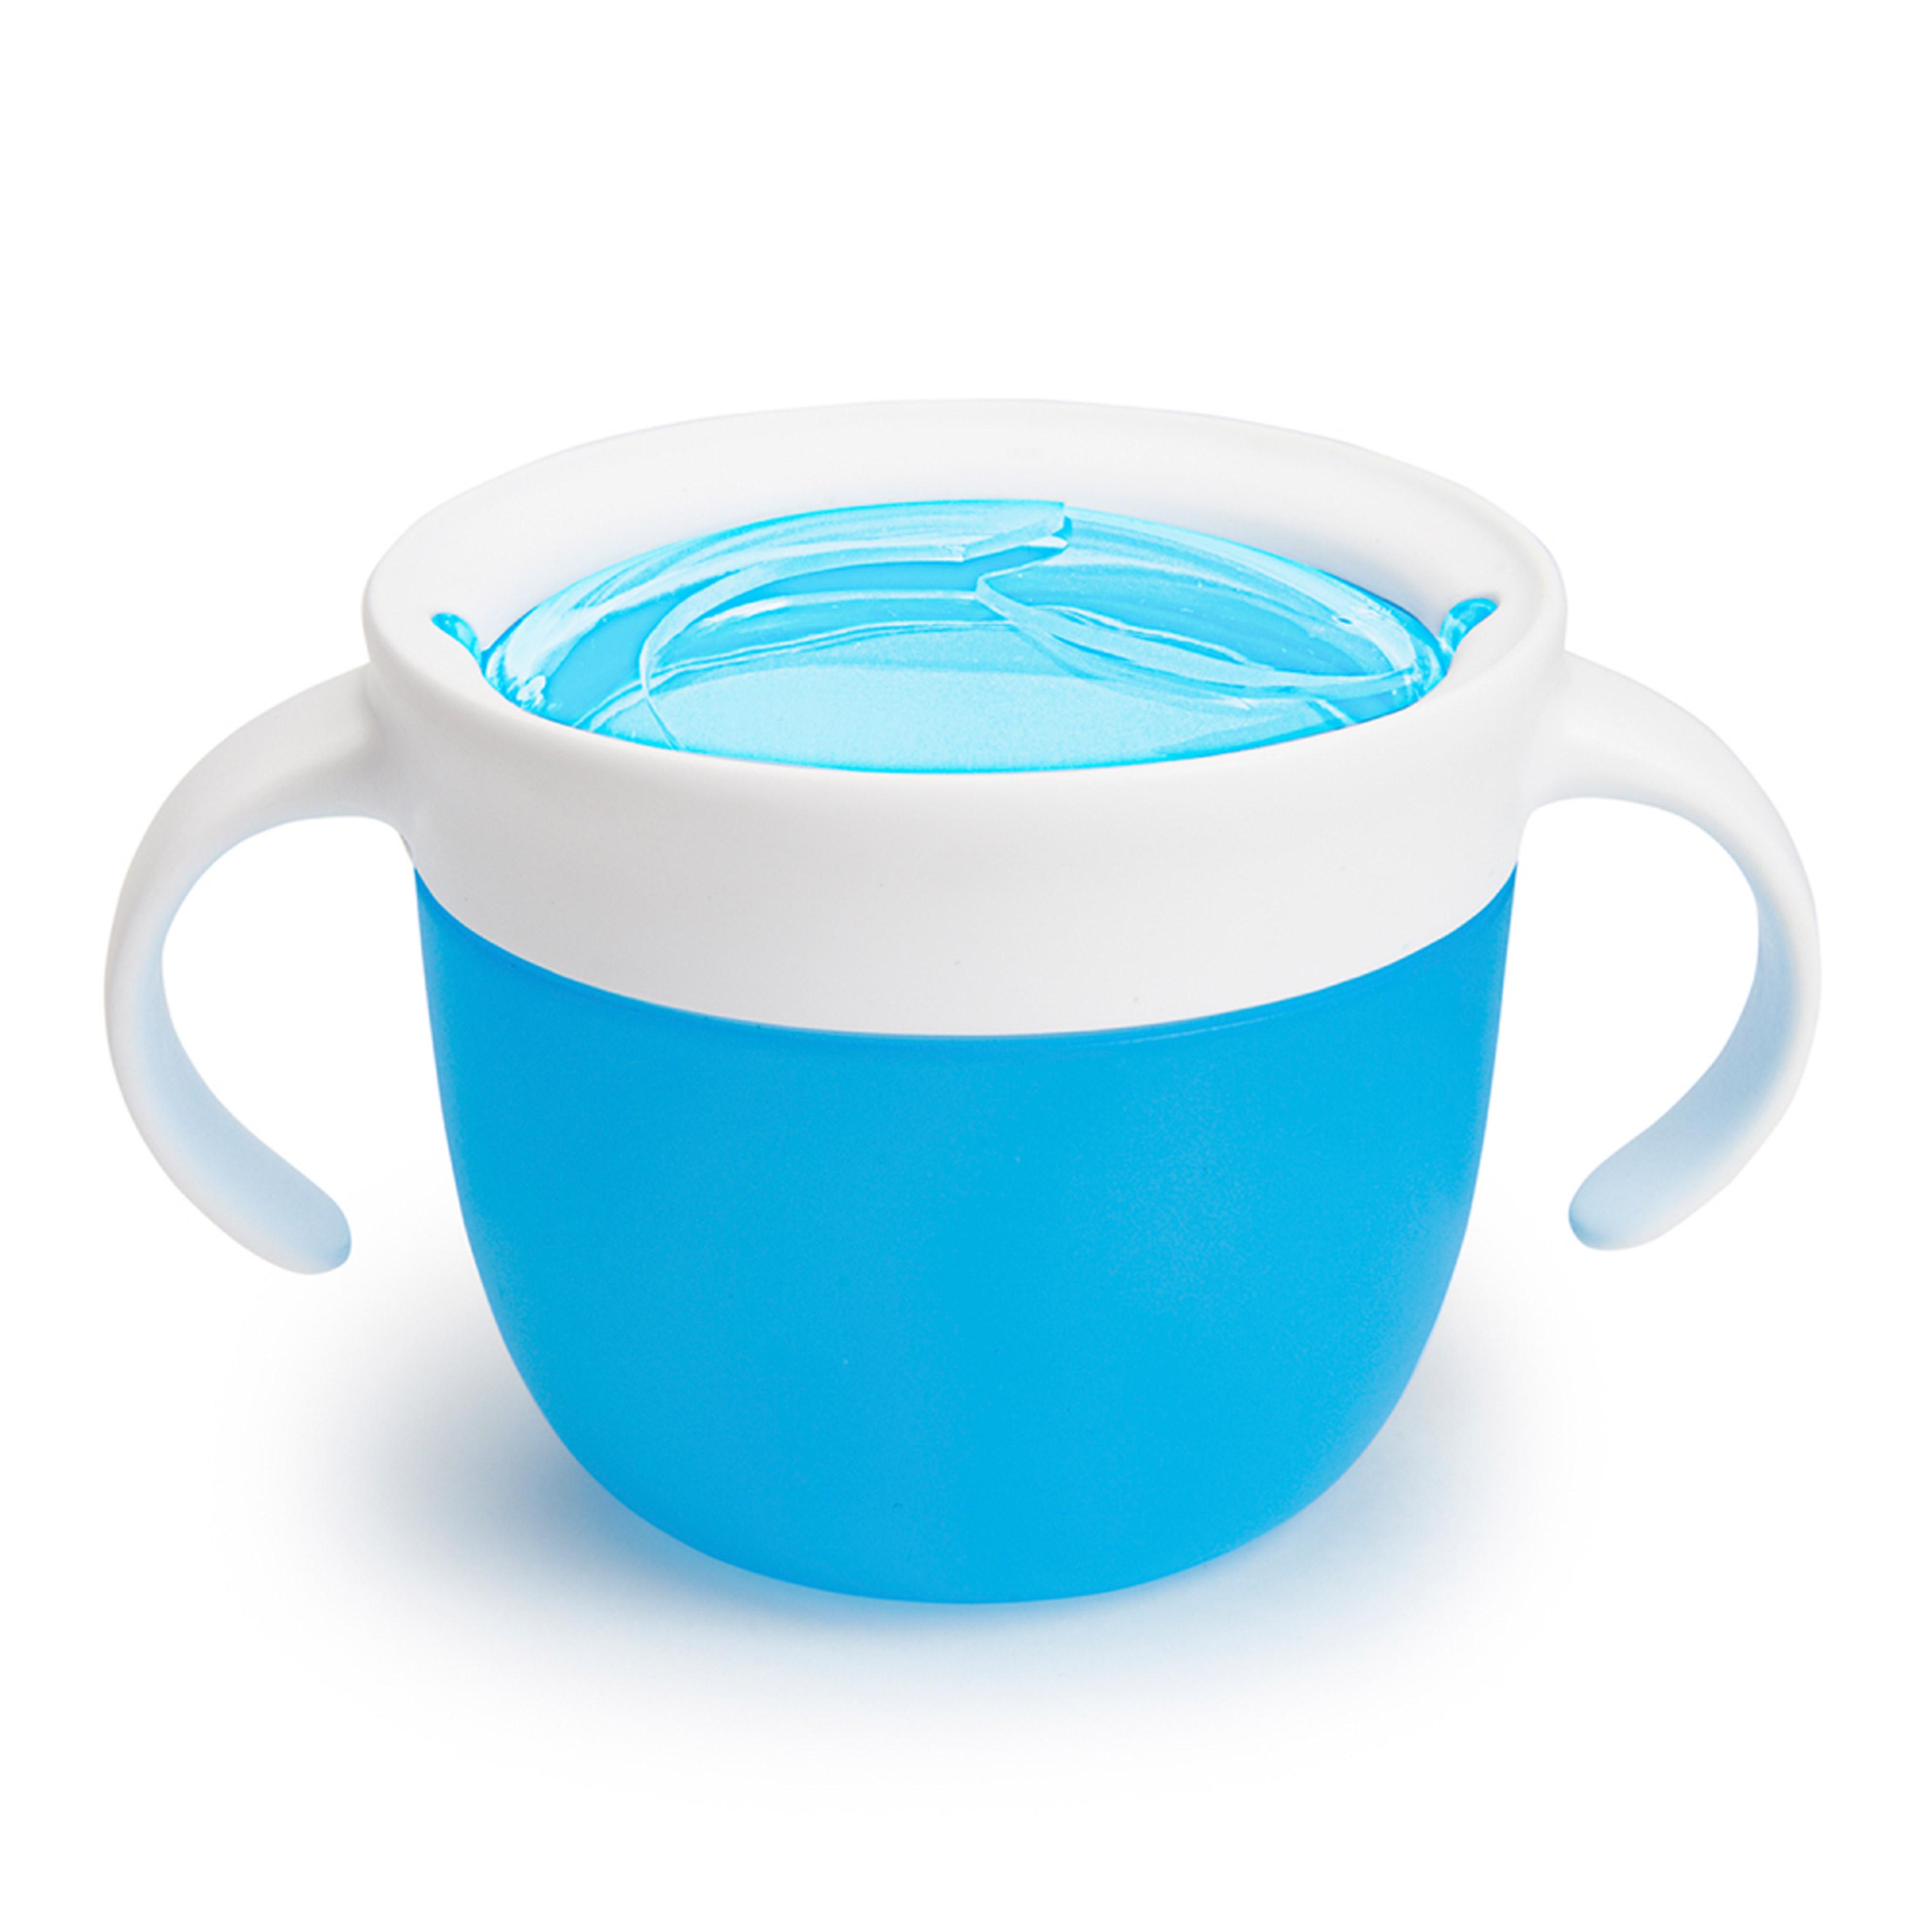 Контейнер Munchkin Поймай печенье голубой 12м+ контейнер munchkin поймай печенье голубой 12м